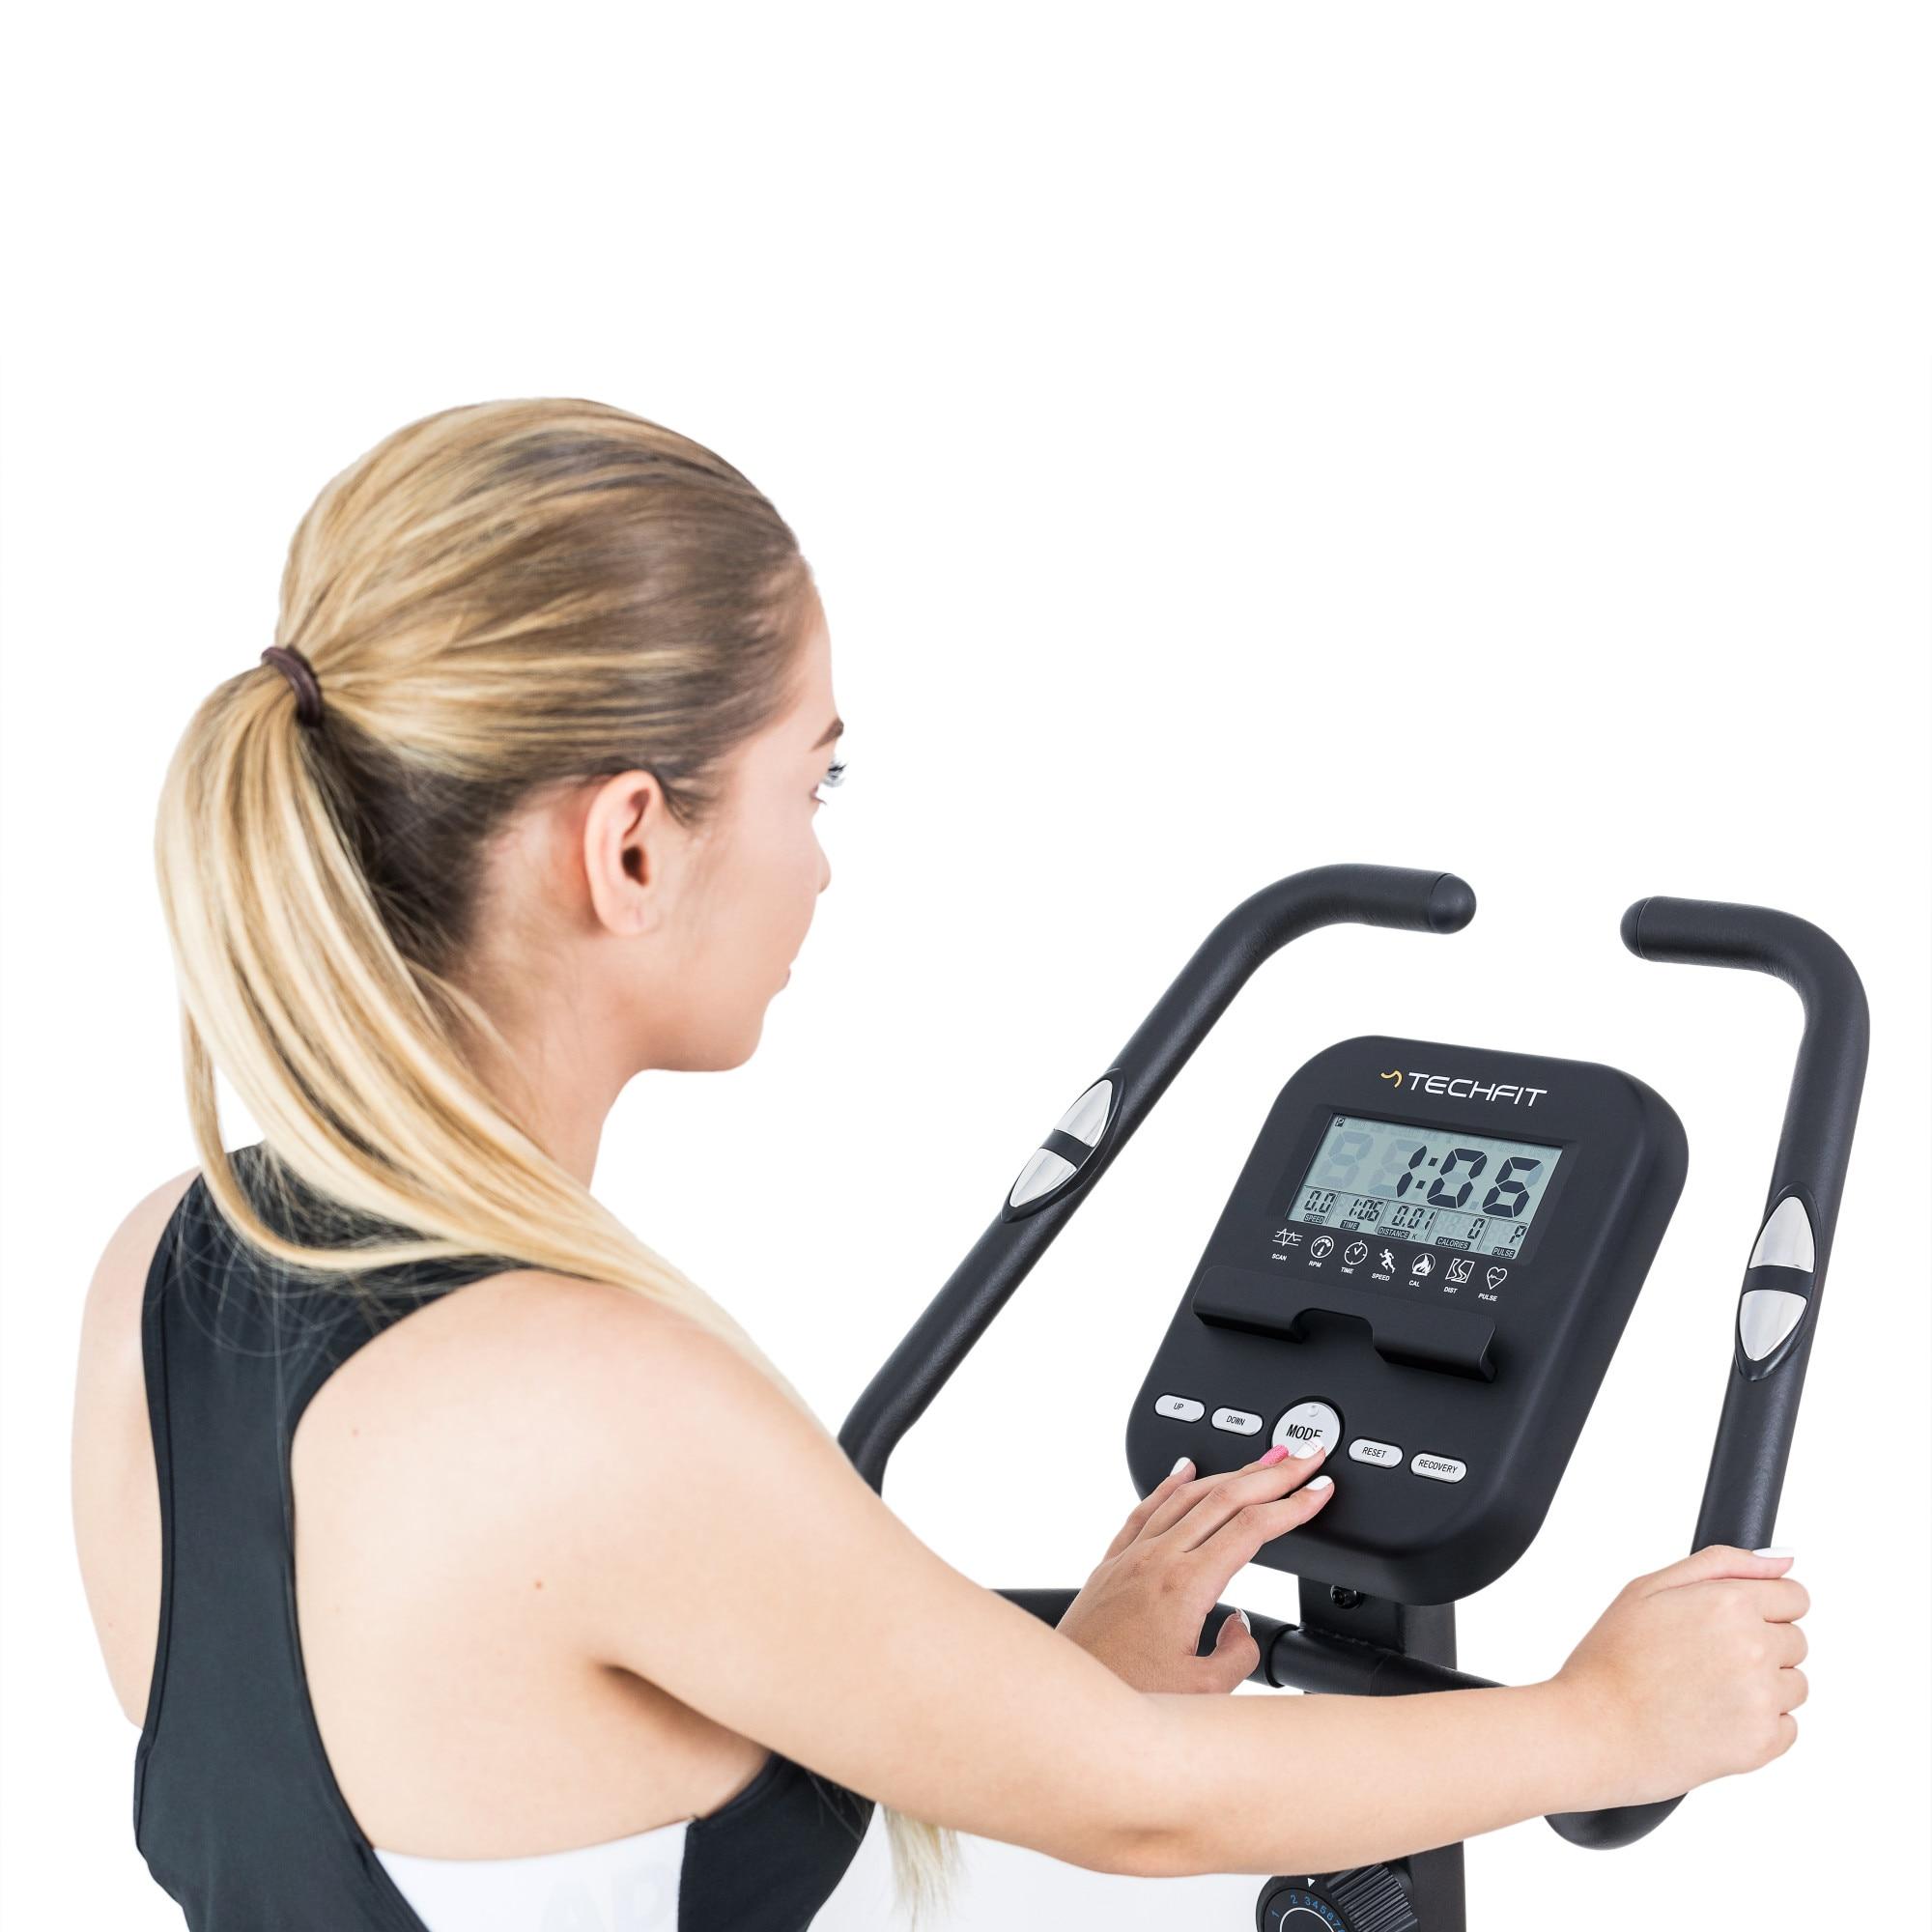 Pierdere în greutate de 700 de kilograme